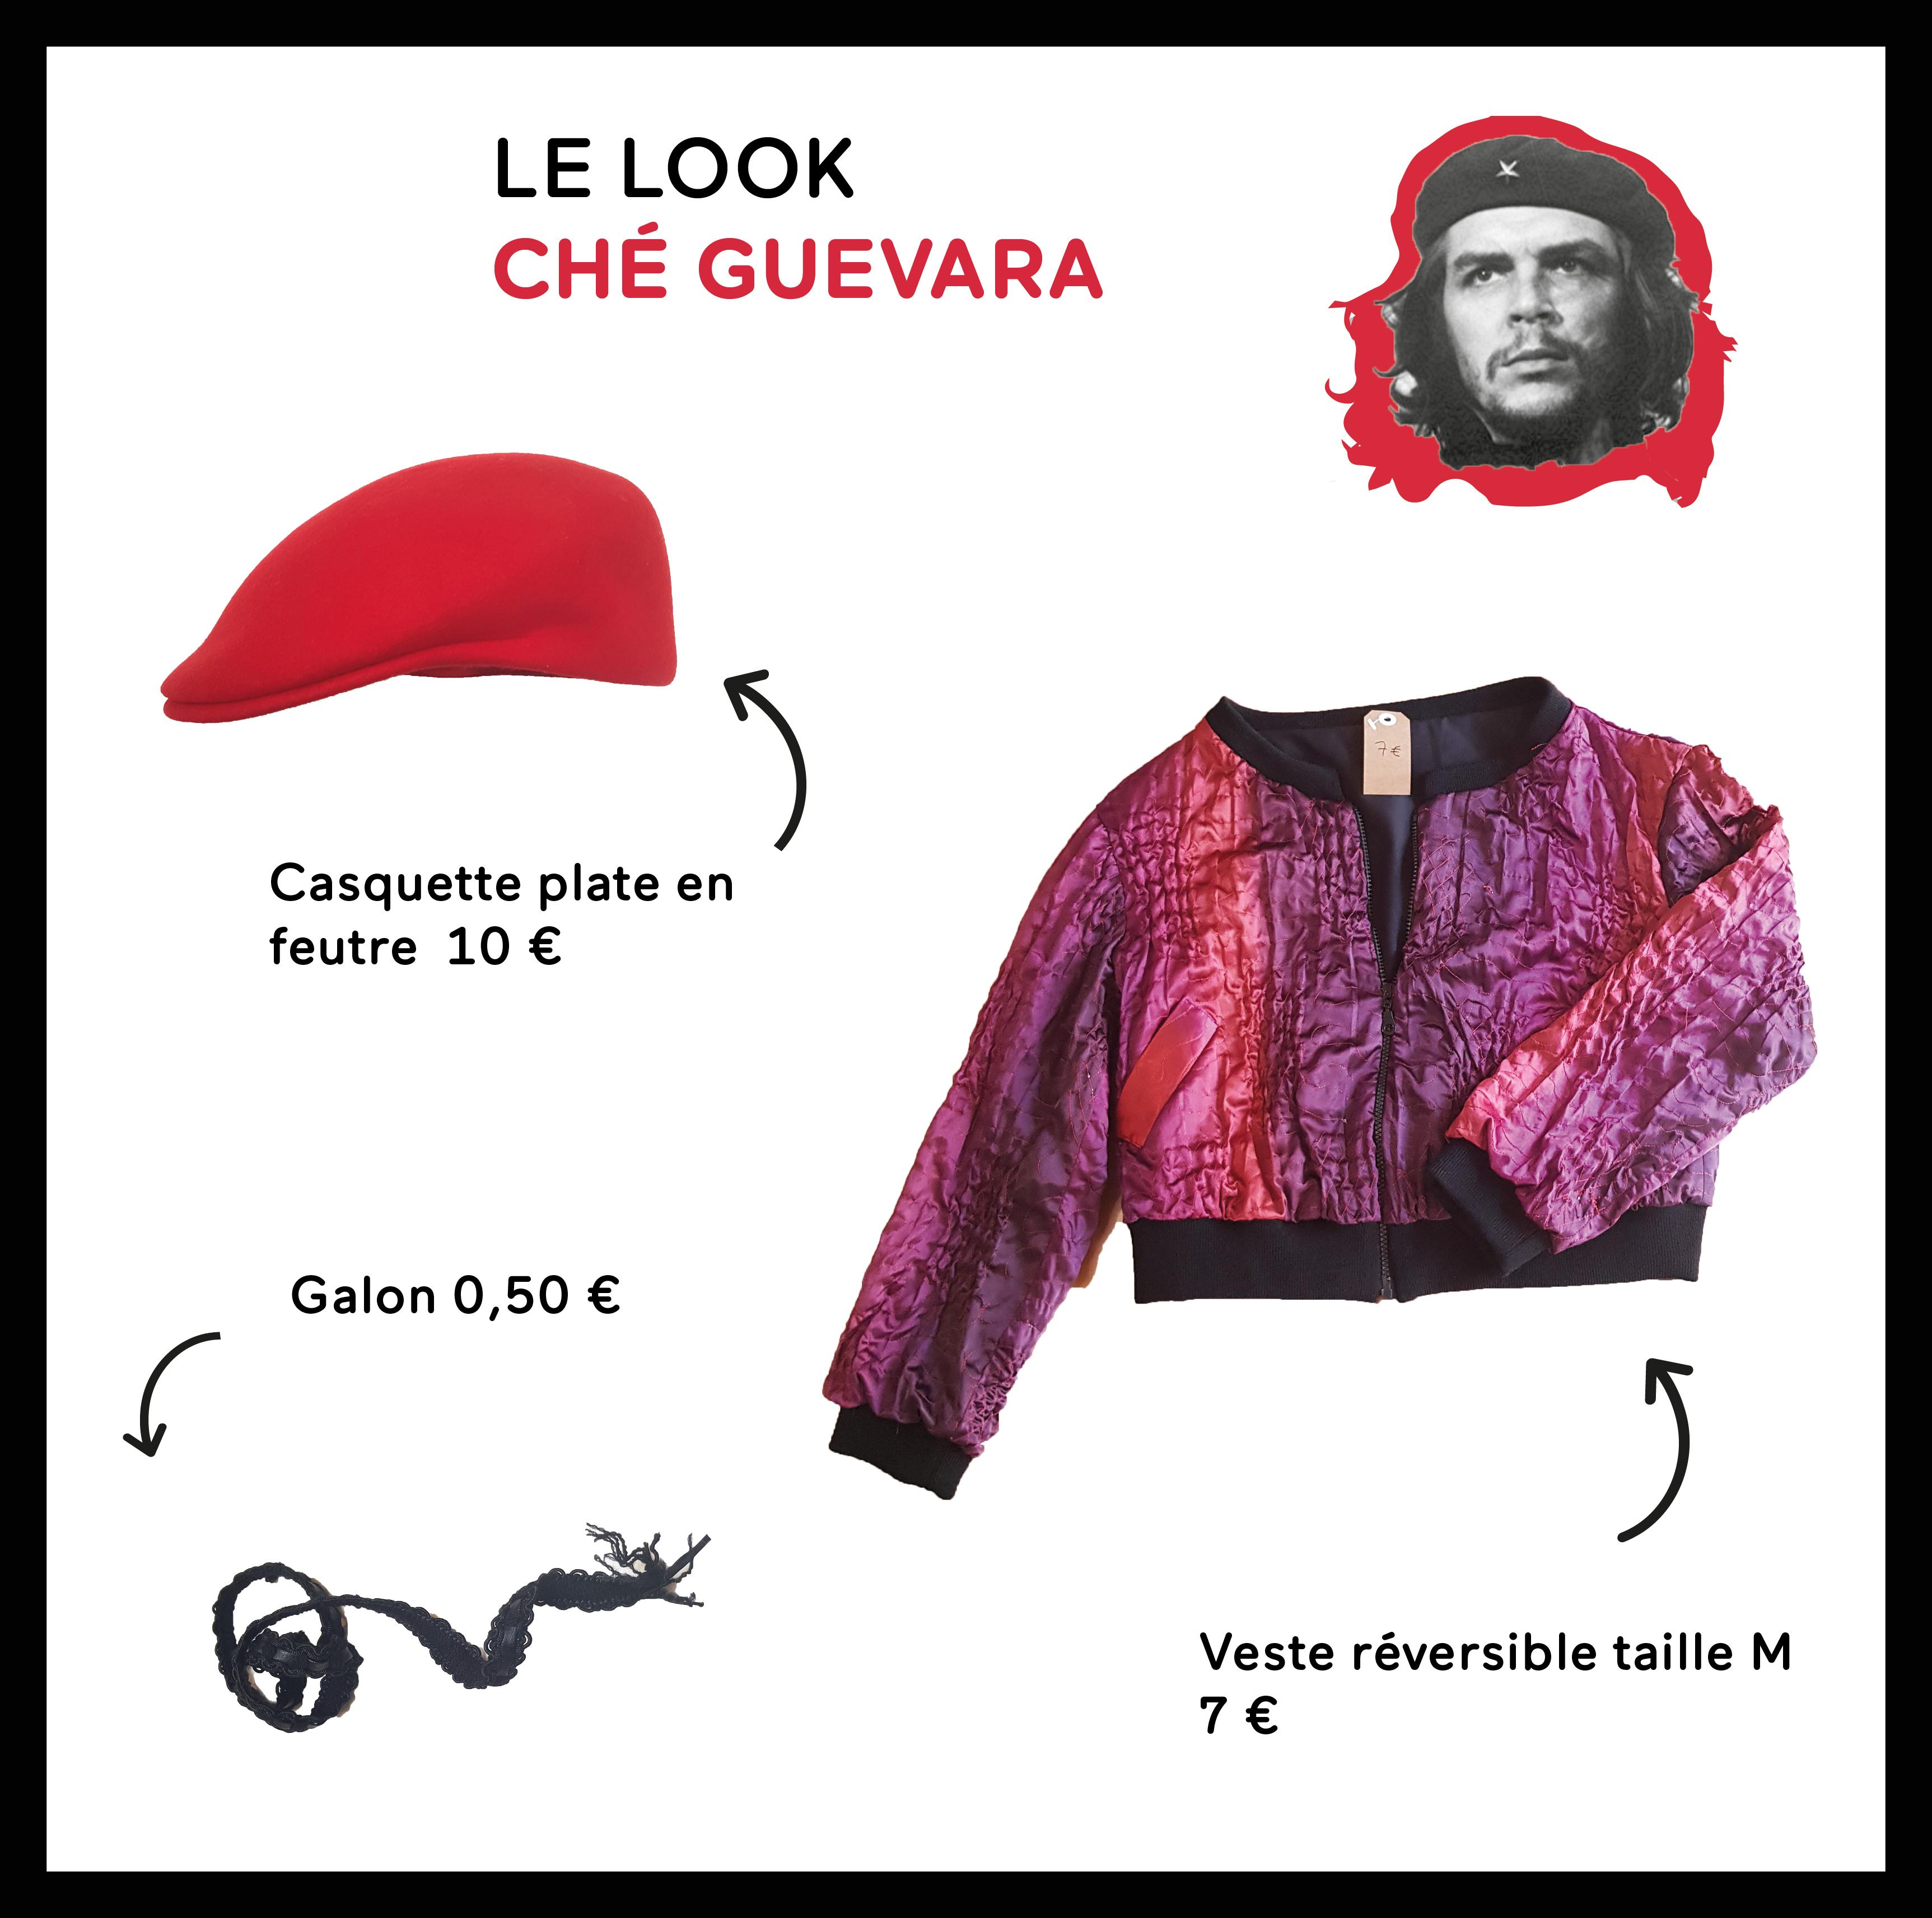 Le look CHE GUEVARA